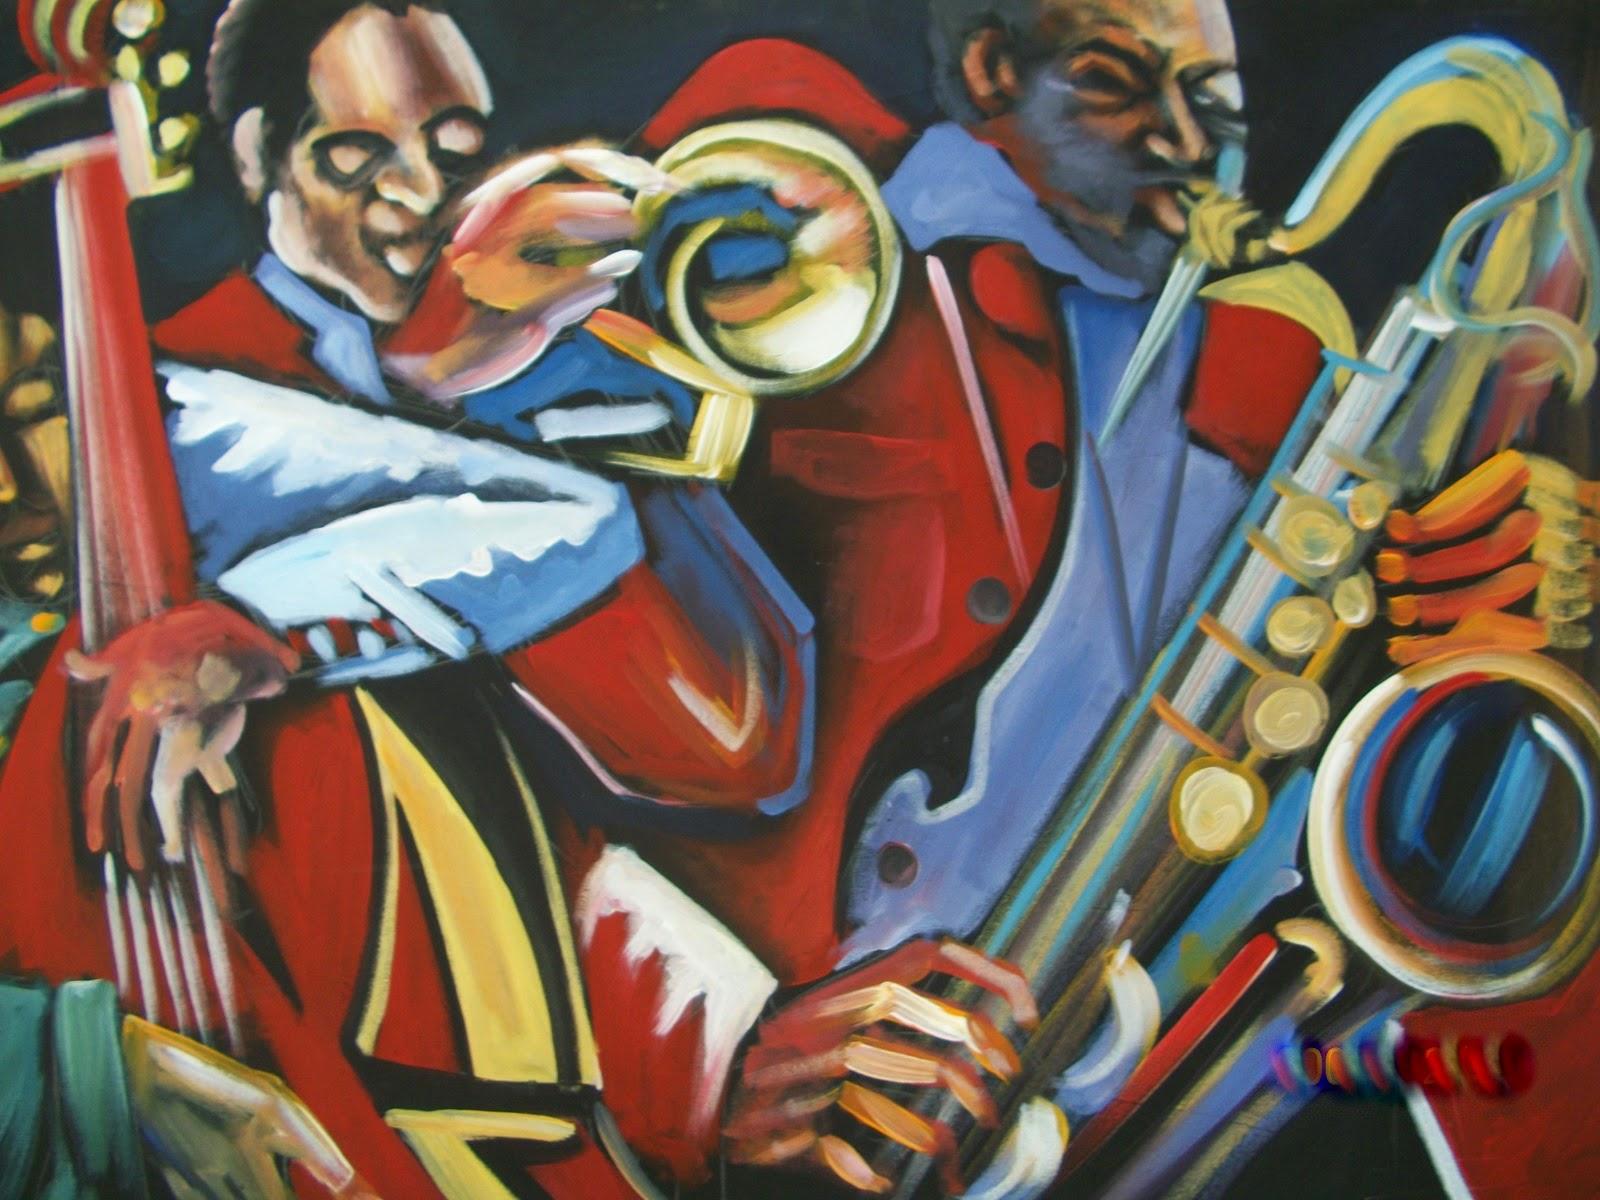 Haitianarts quadro Bonyé musica